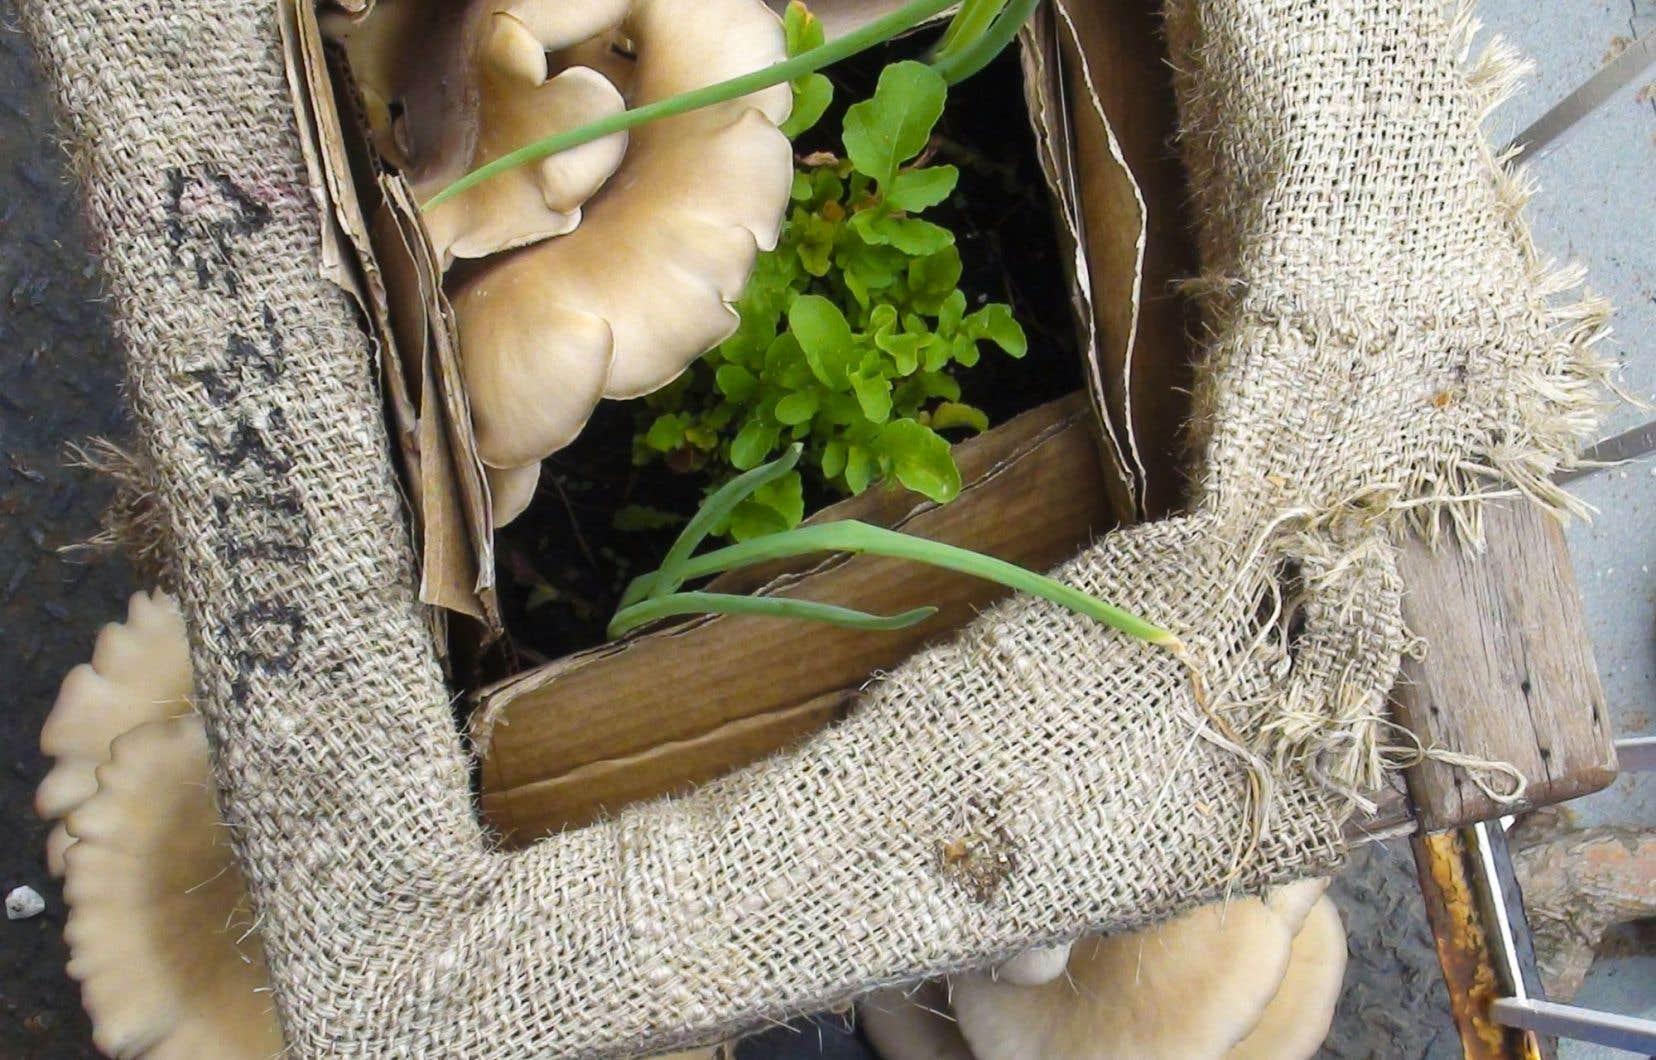 Champignons Maison vend des trousses de culture prêtes à l'emploi pour faire pousser des champignons chez soi, grâce au marc de café.